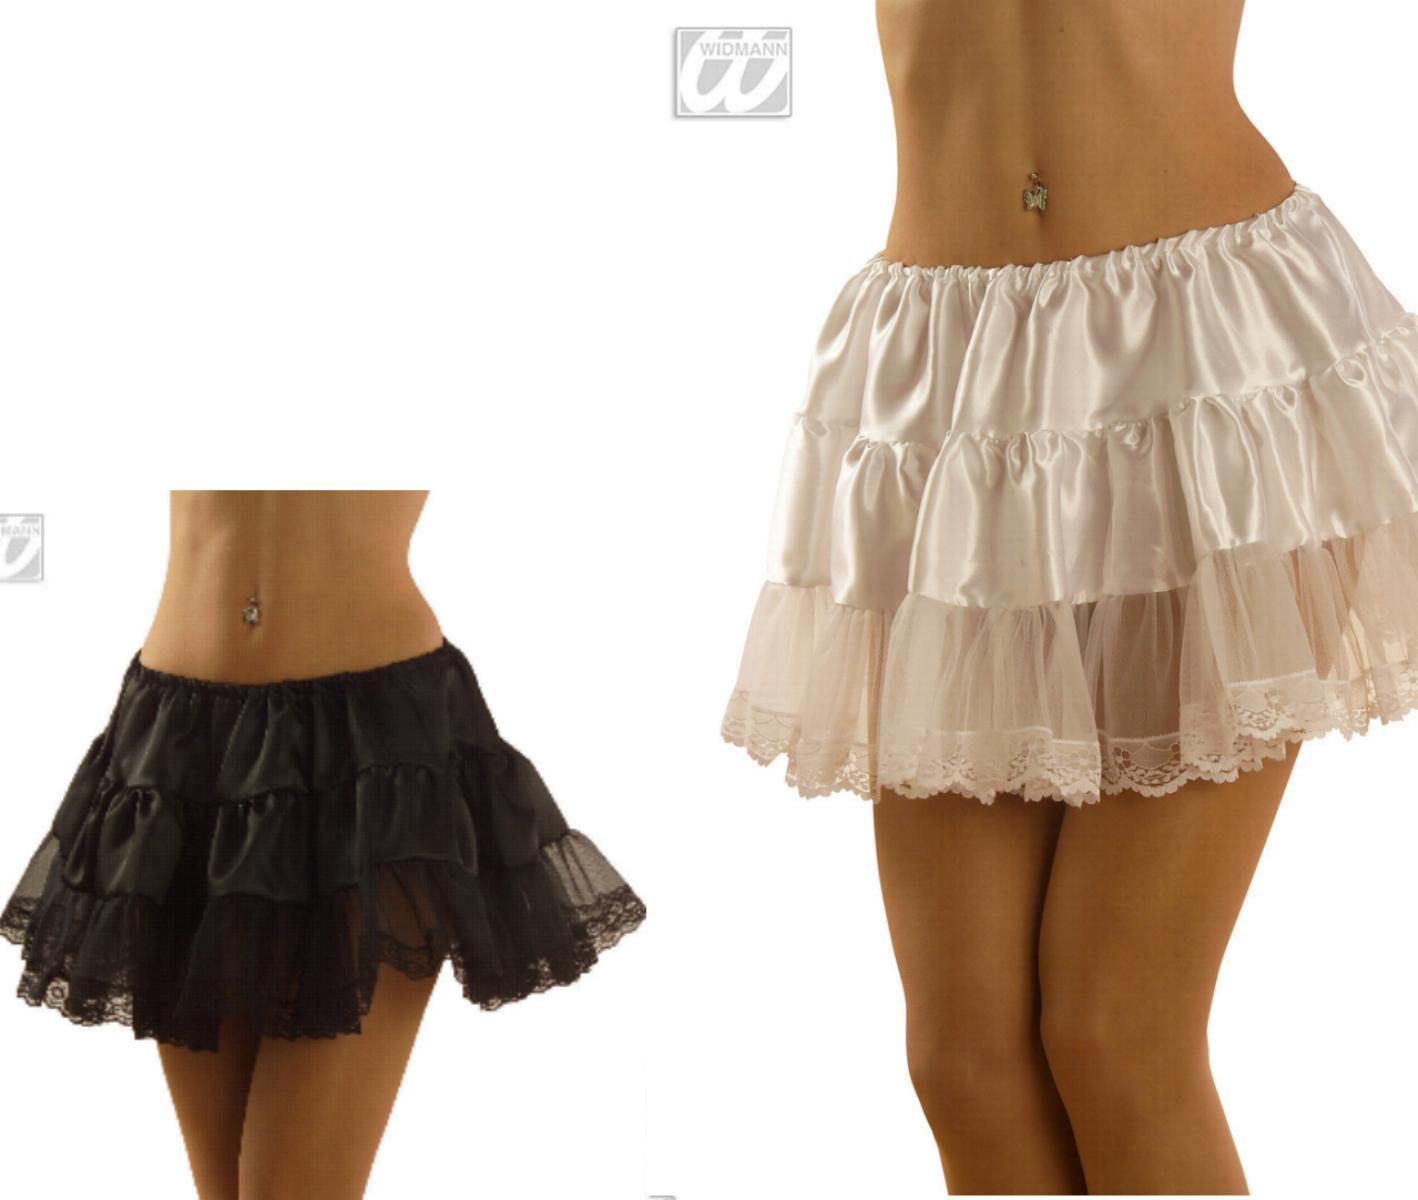 Satin Petticoat Unterrock, kurz 32cm, Spitzenrand, weiß u. schwarz 3362